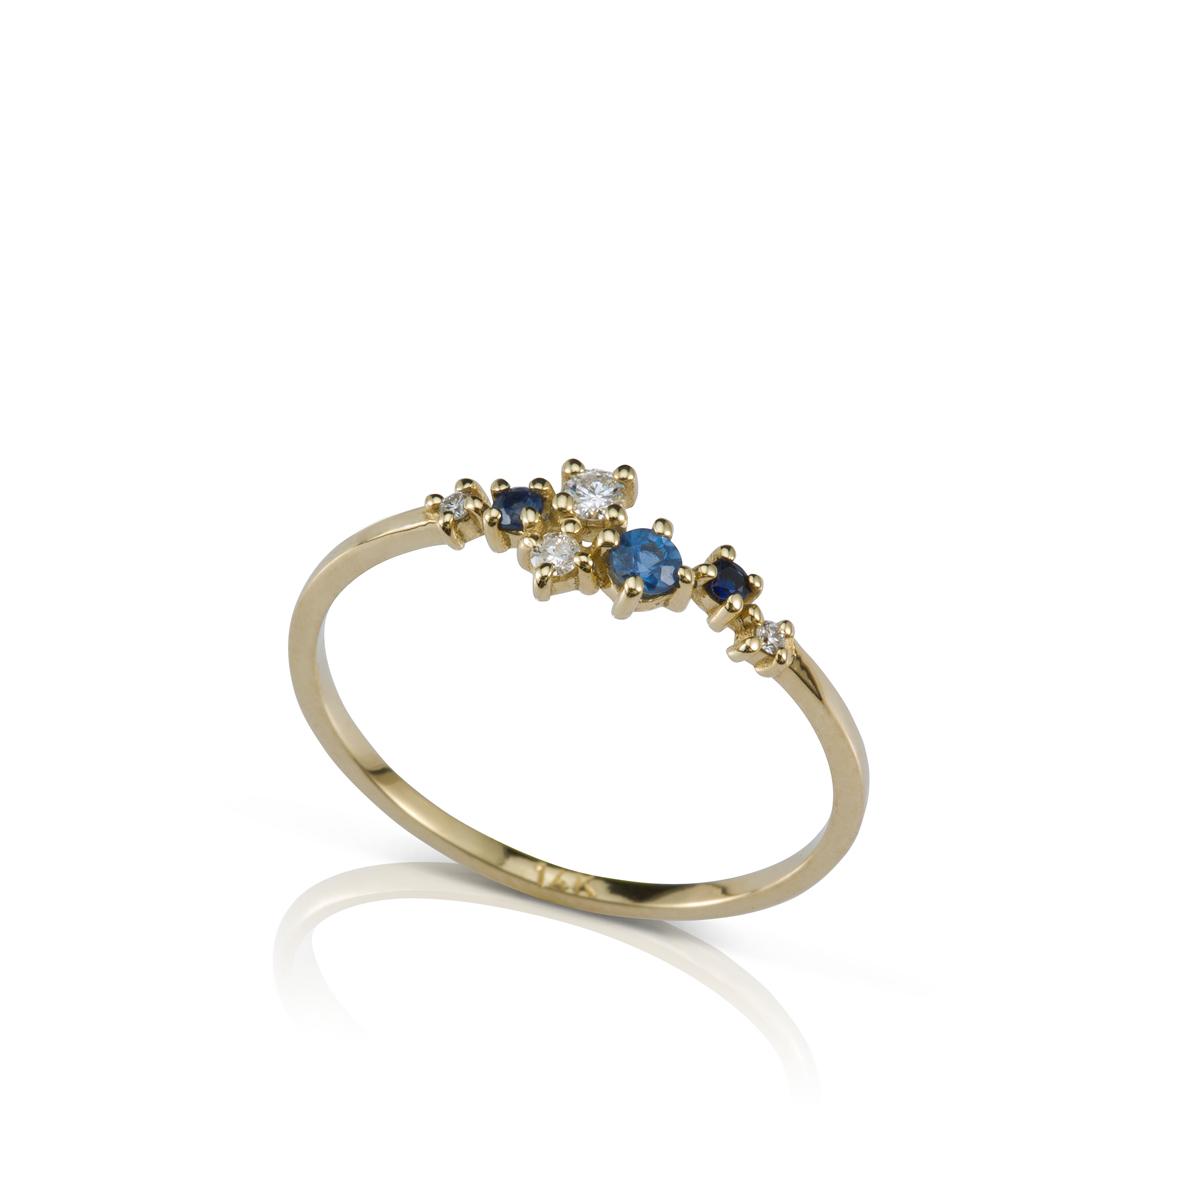 טבעת זהב עדינה ומיוחדת משובצת יהלומים וספירים בגדלים משתנים